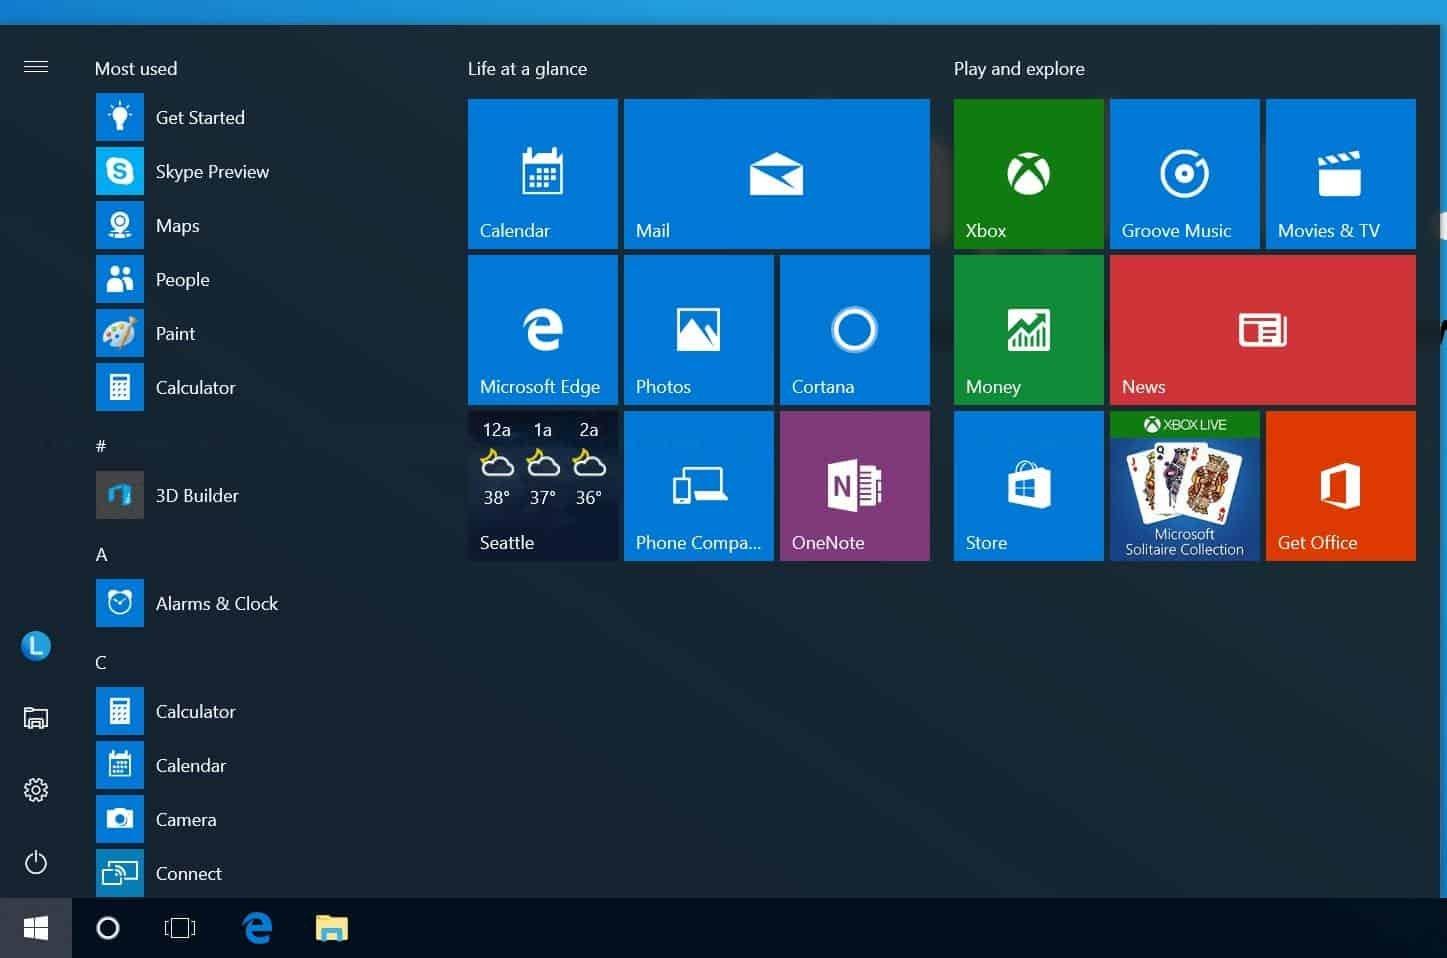 εφαρμογή,δικαιωμα,Windows 10